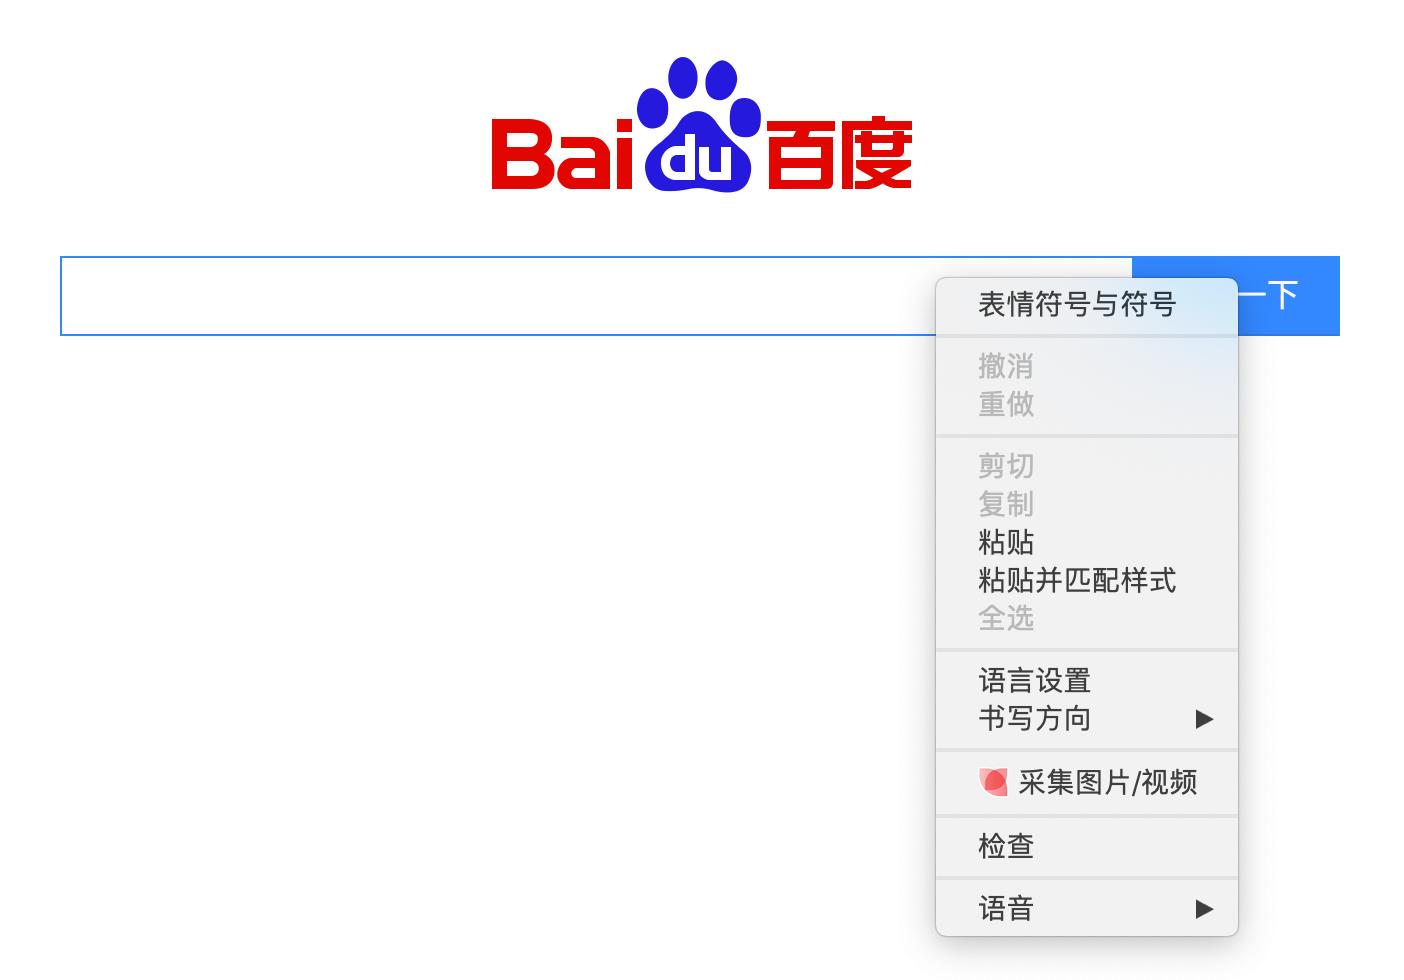 在网页上右键操作,会触发浏览器的右键面板